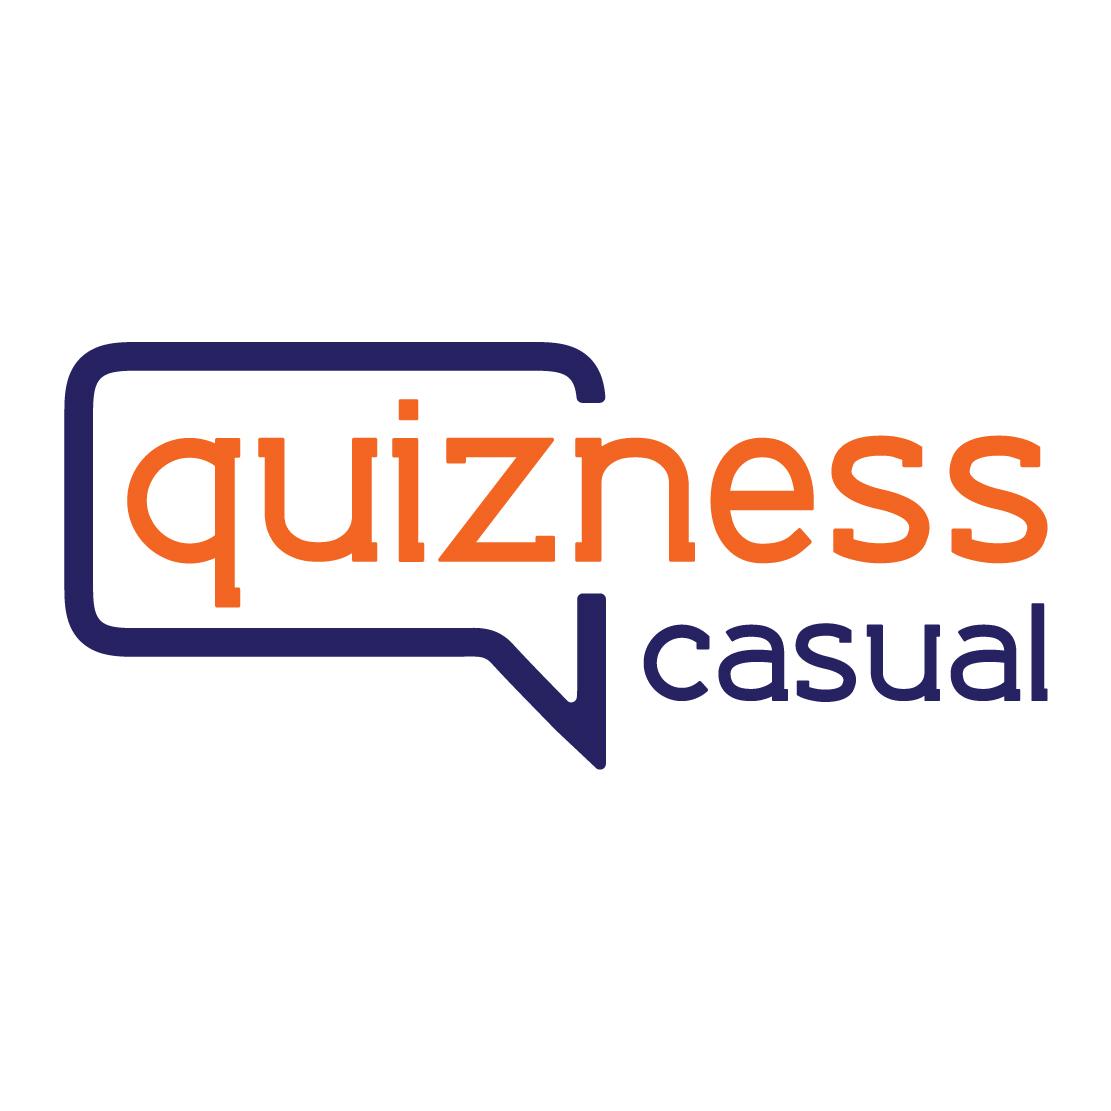 Quizness Casual Logo